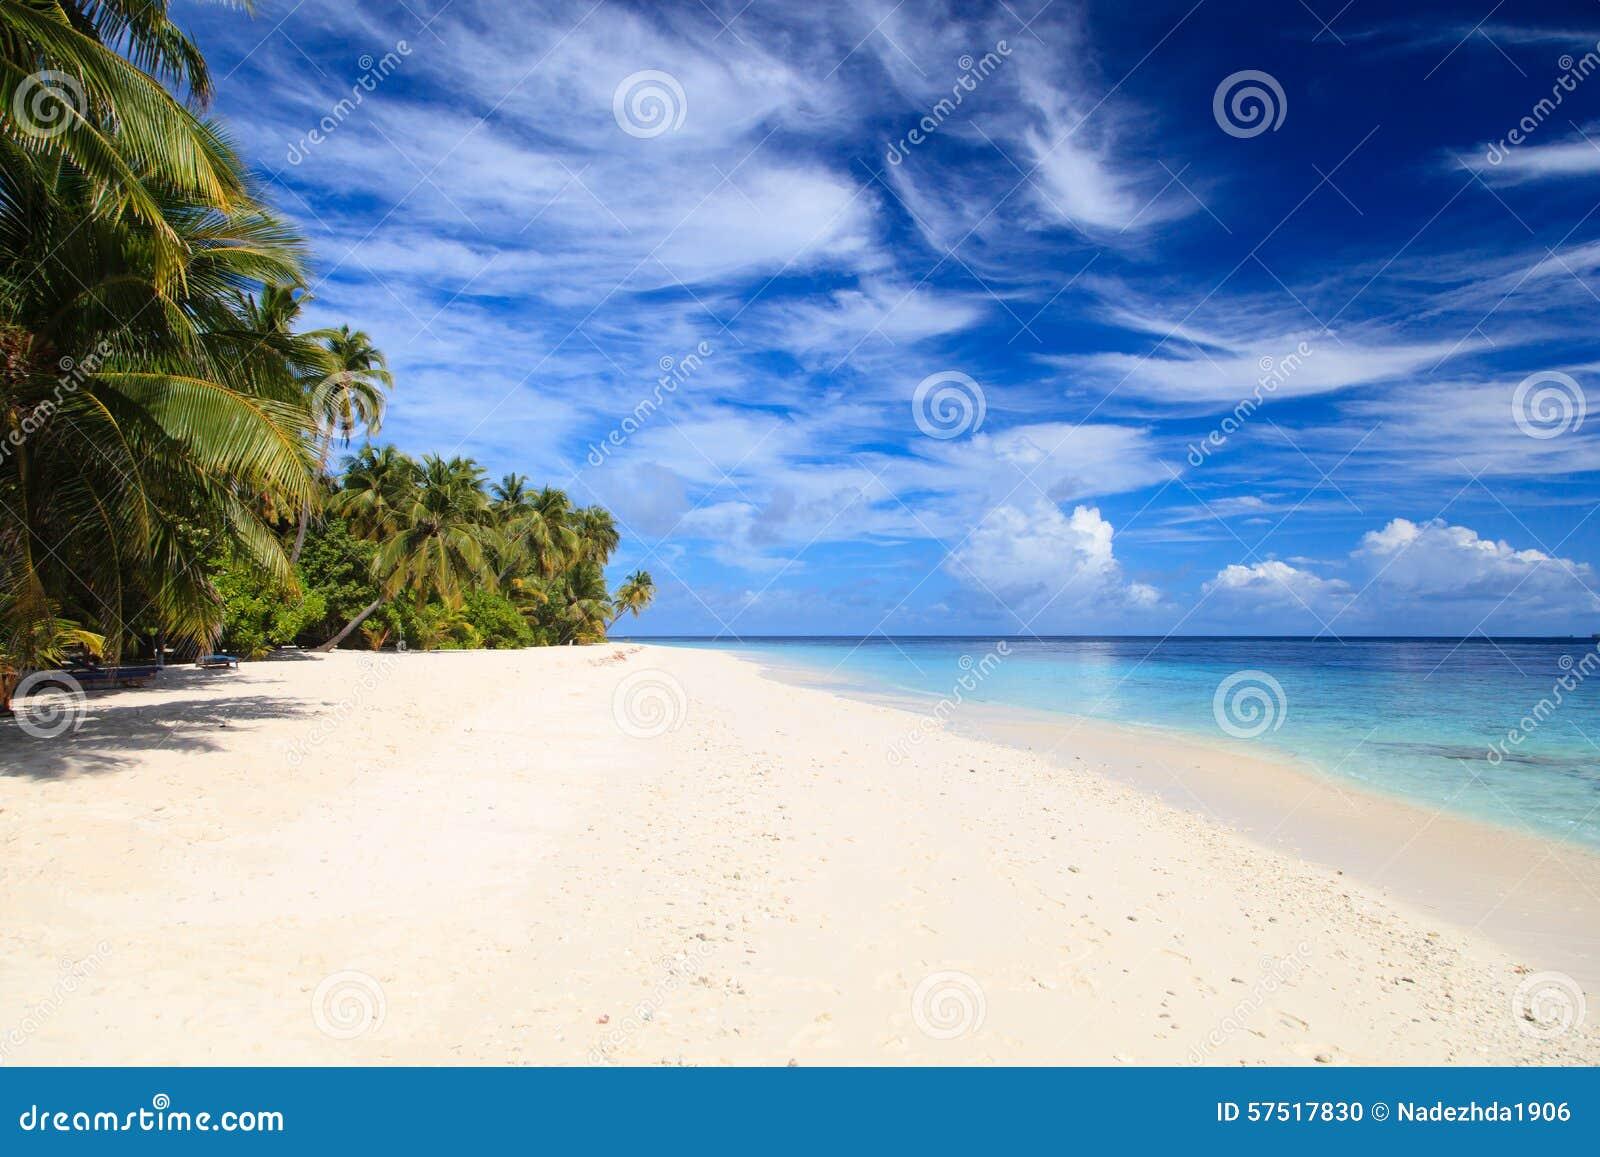 Playa tropical de la arena concepto de las vacaciones for Arena de playa precio